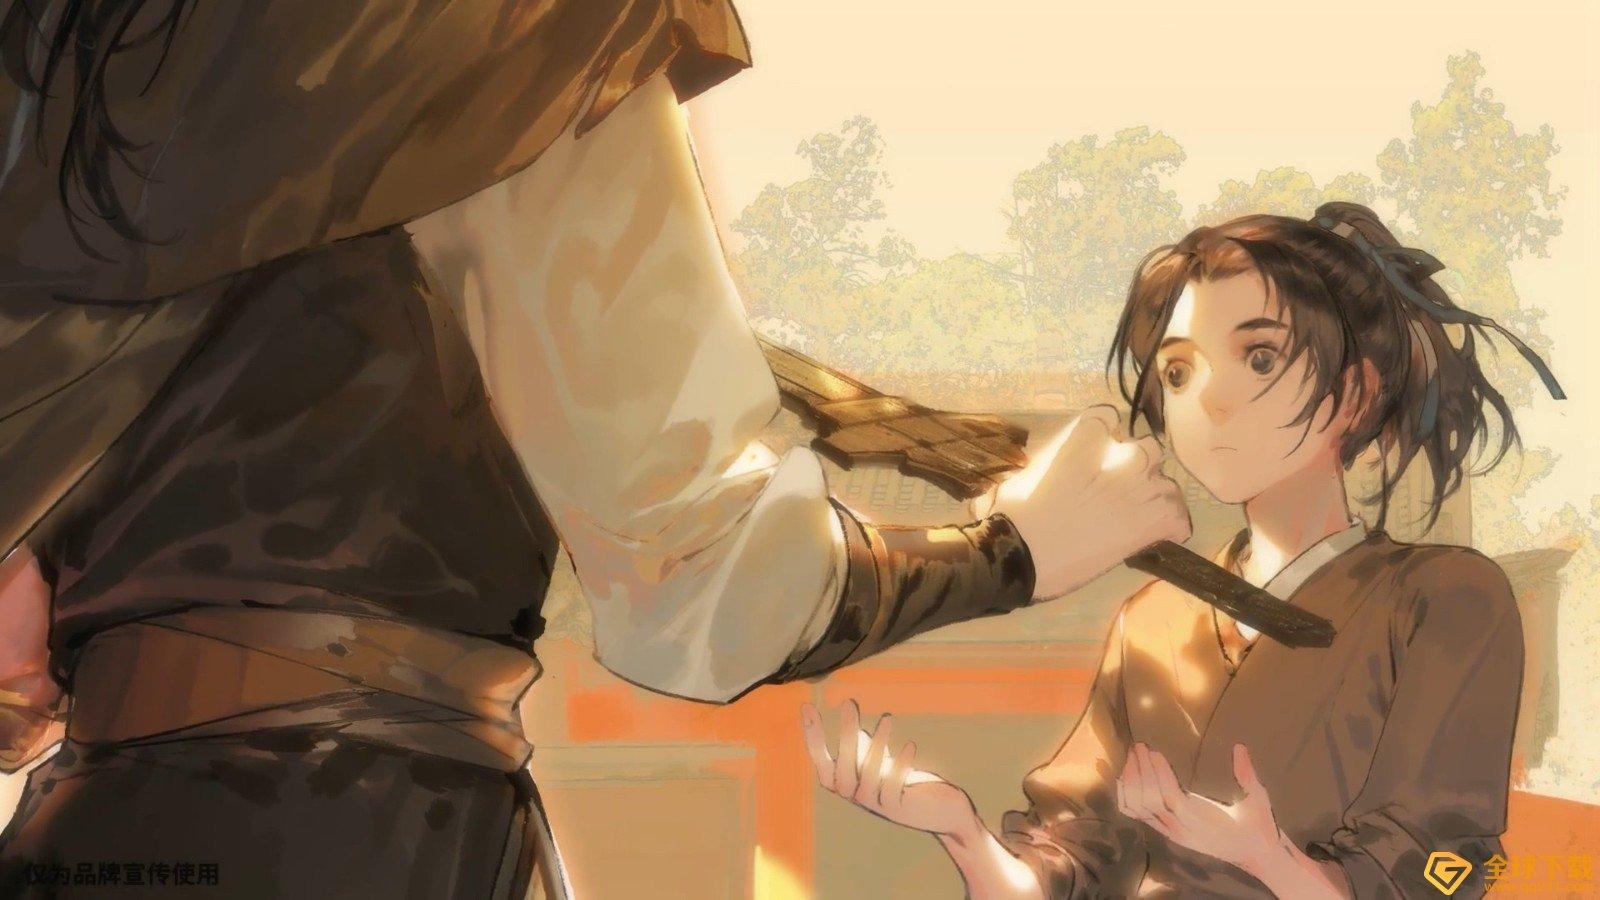 《王者荣耀》仙剑联动曜李逍遥皮肤攻略汇总大全